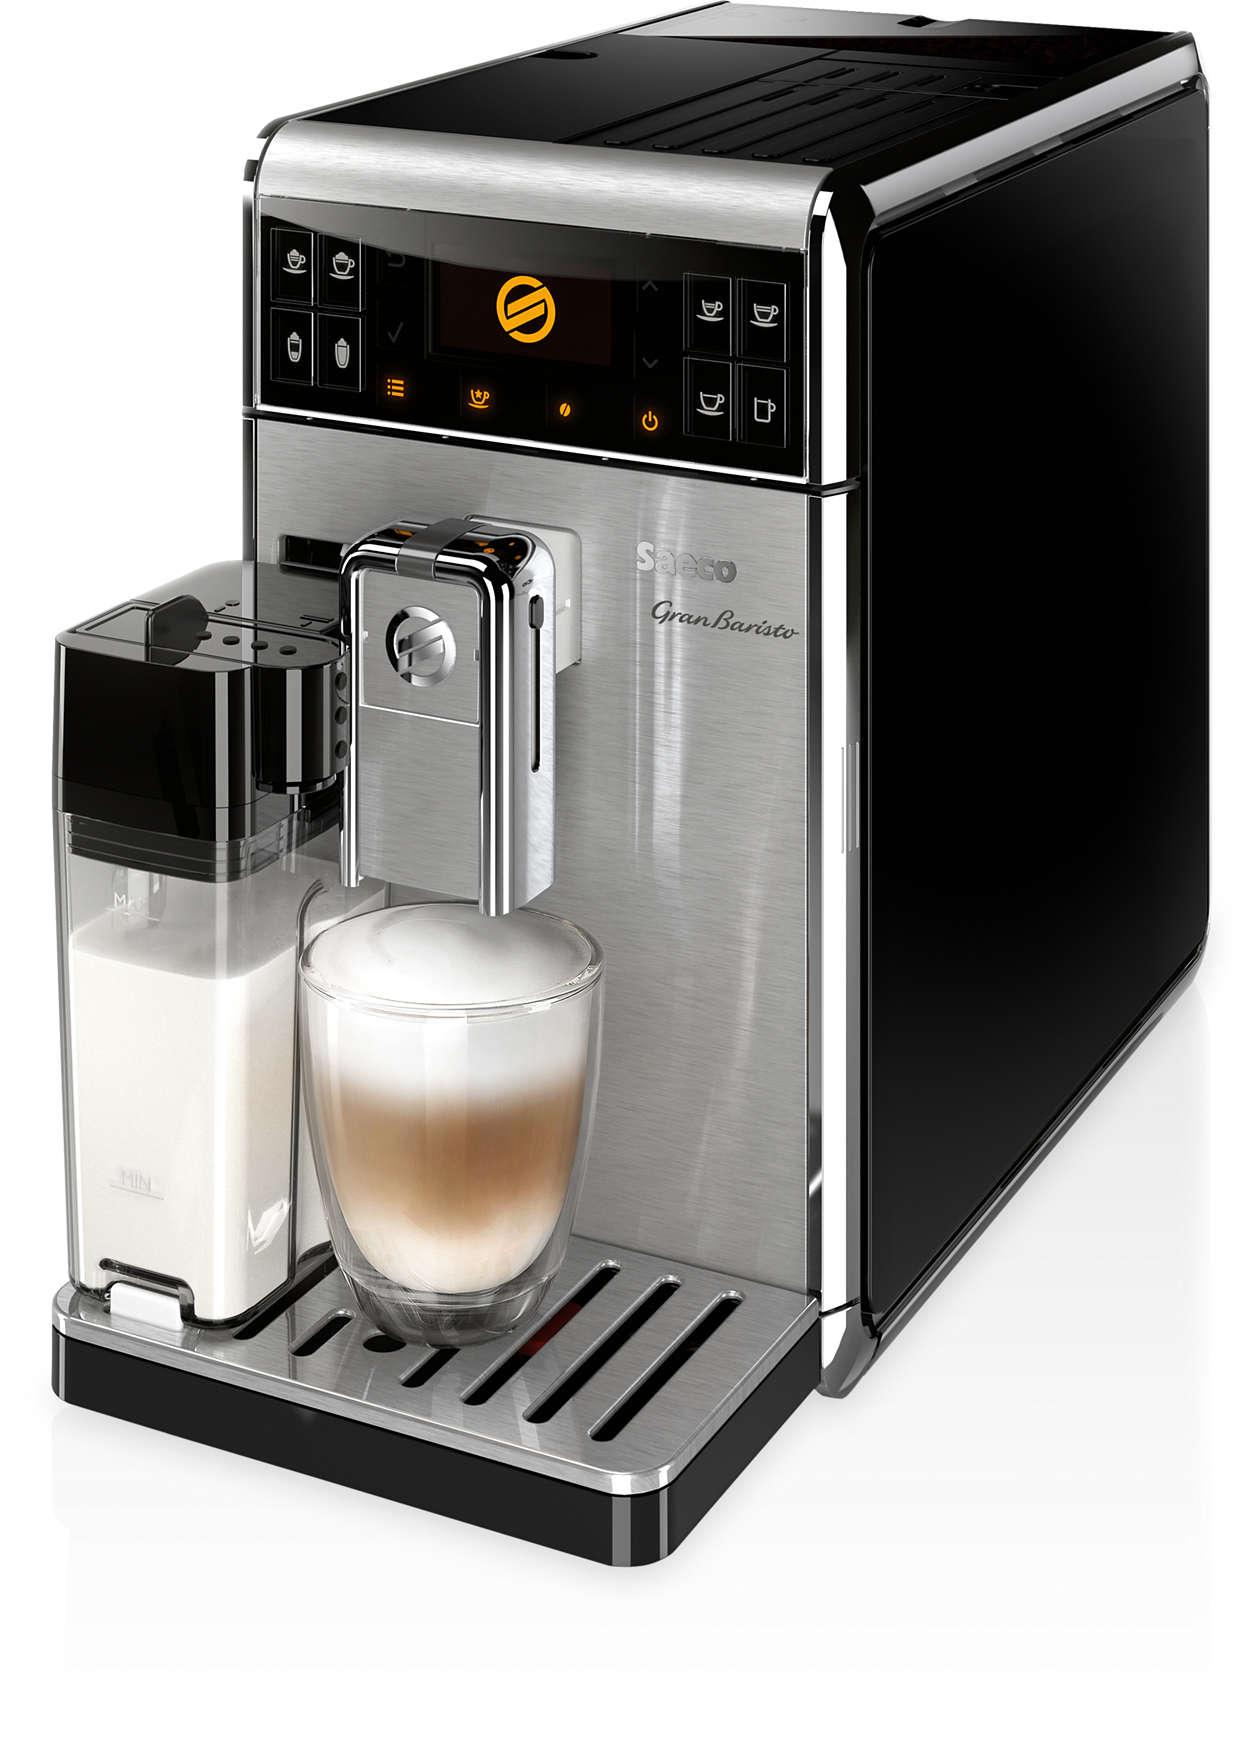 18 napojów w tym 16 napojów kawowych za dotknięciem przycisku